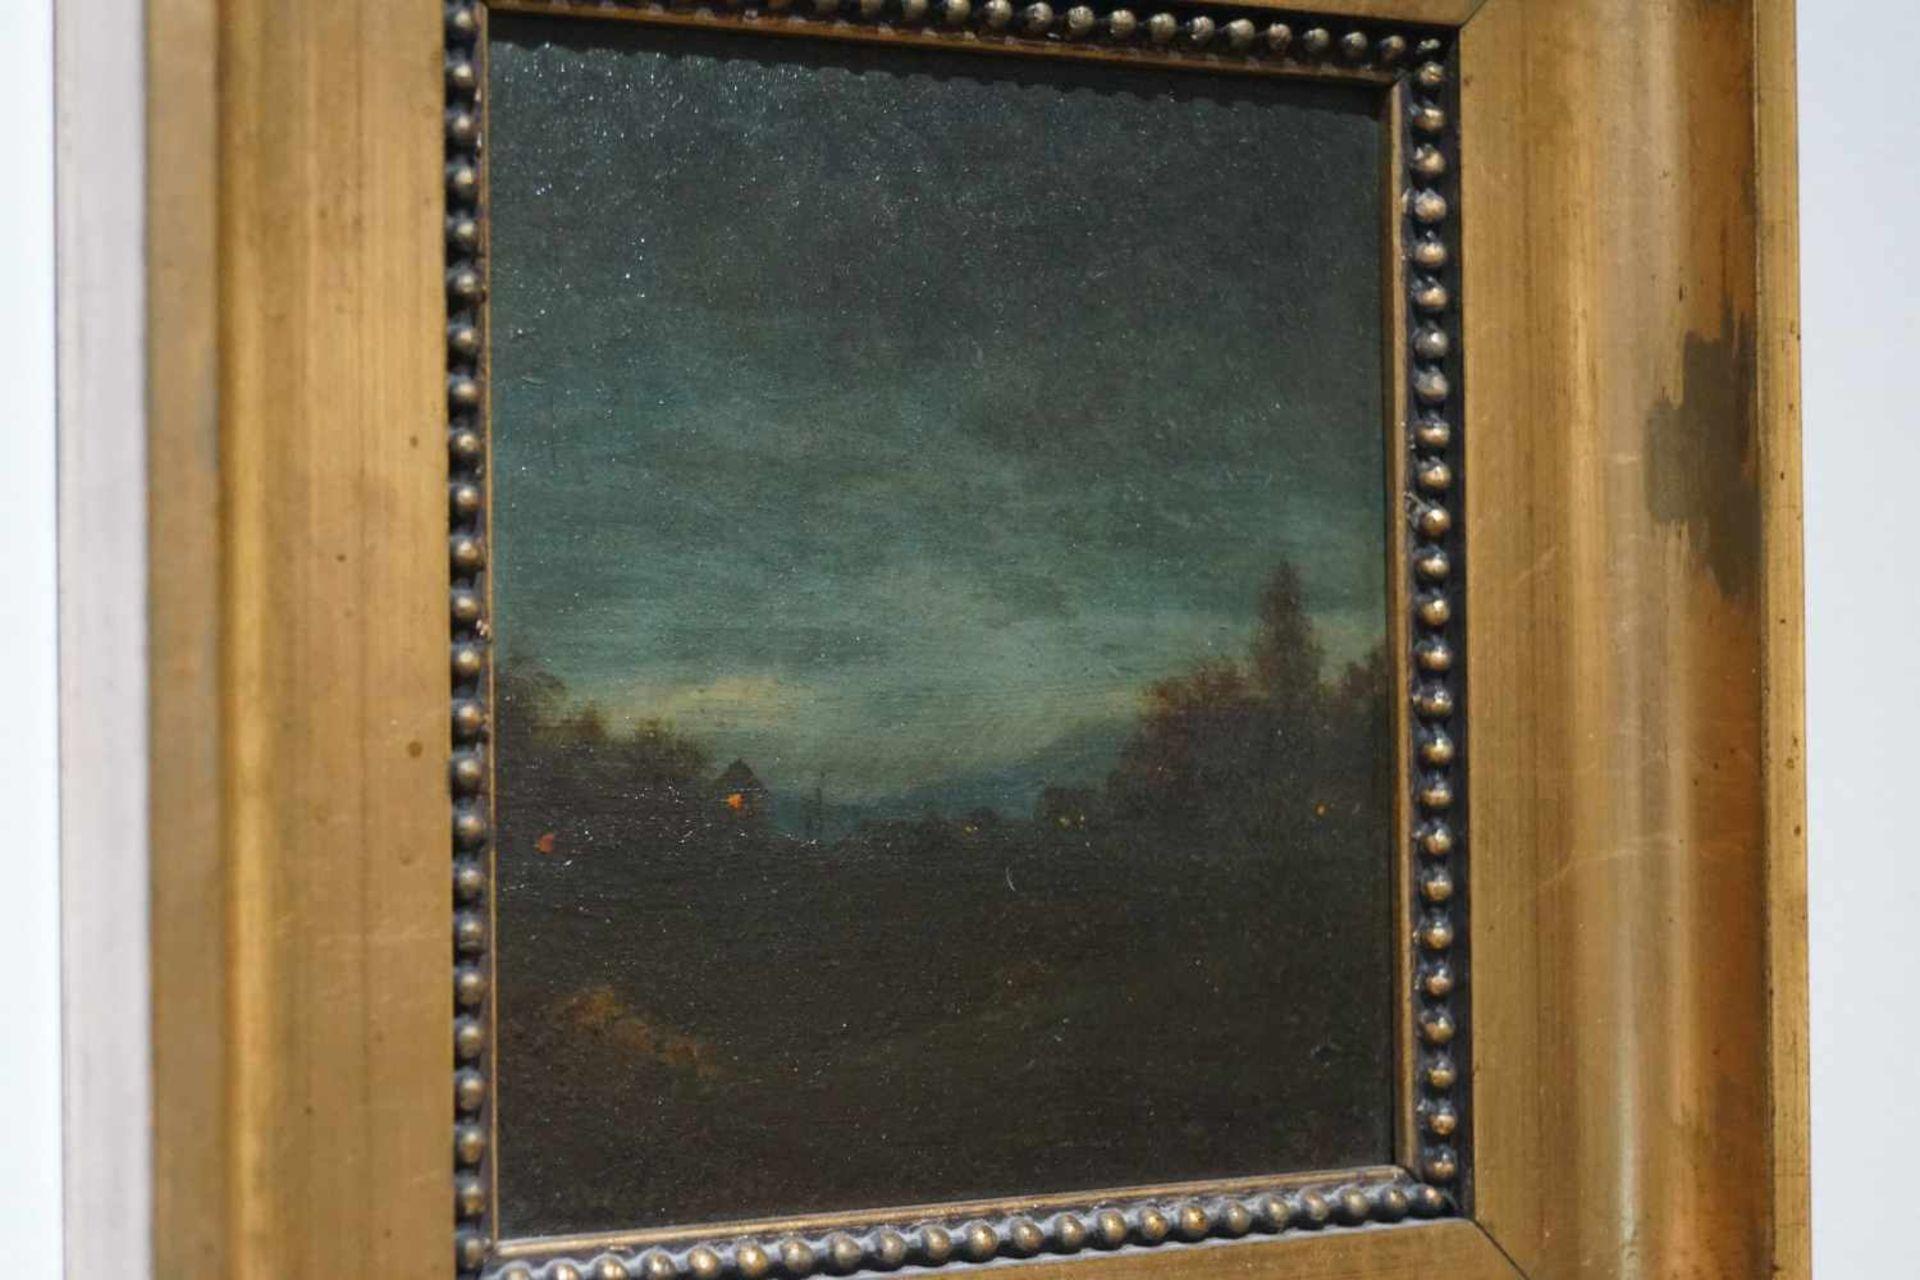 Zwei kleine Mondscheinlandschaften Konrad Hallenstein, Öl auf Karton, gerahmt, Höhe 21,5 cm x Breite - Bild 5 aus 6